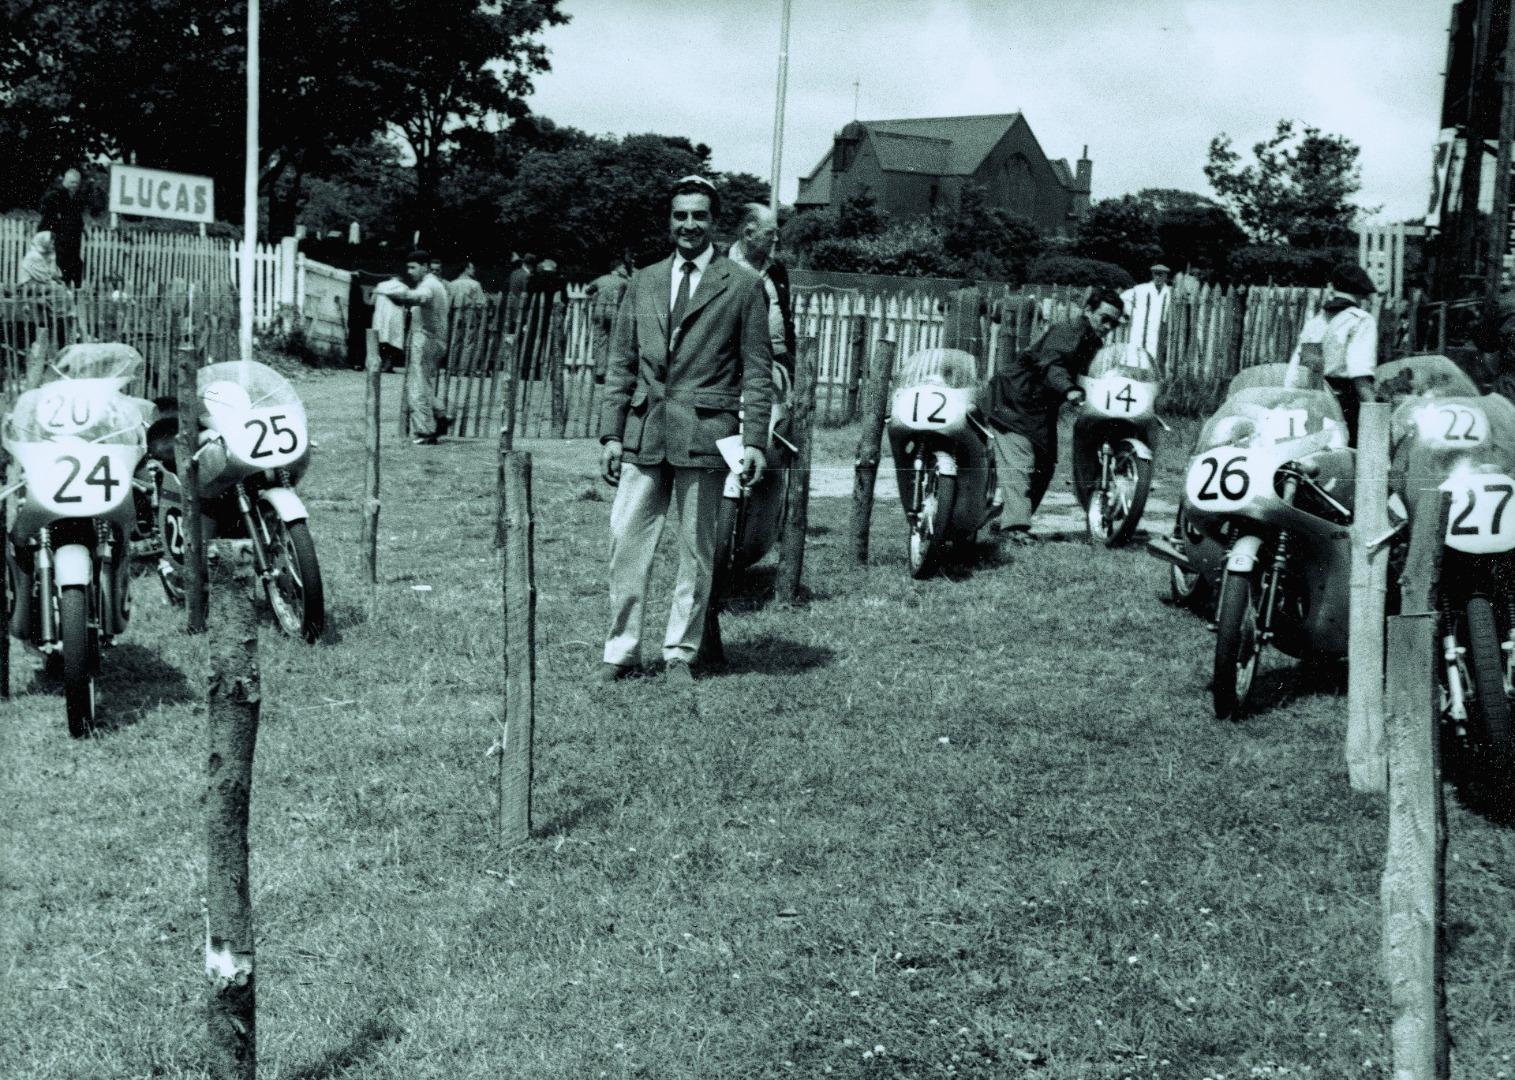 La formación Honda en su debut en el TT. El sonriente occidental es Bill Hunt.